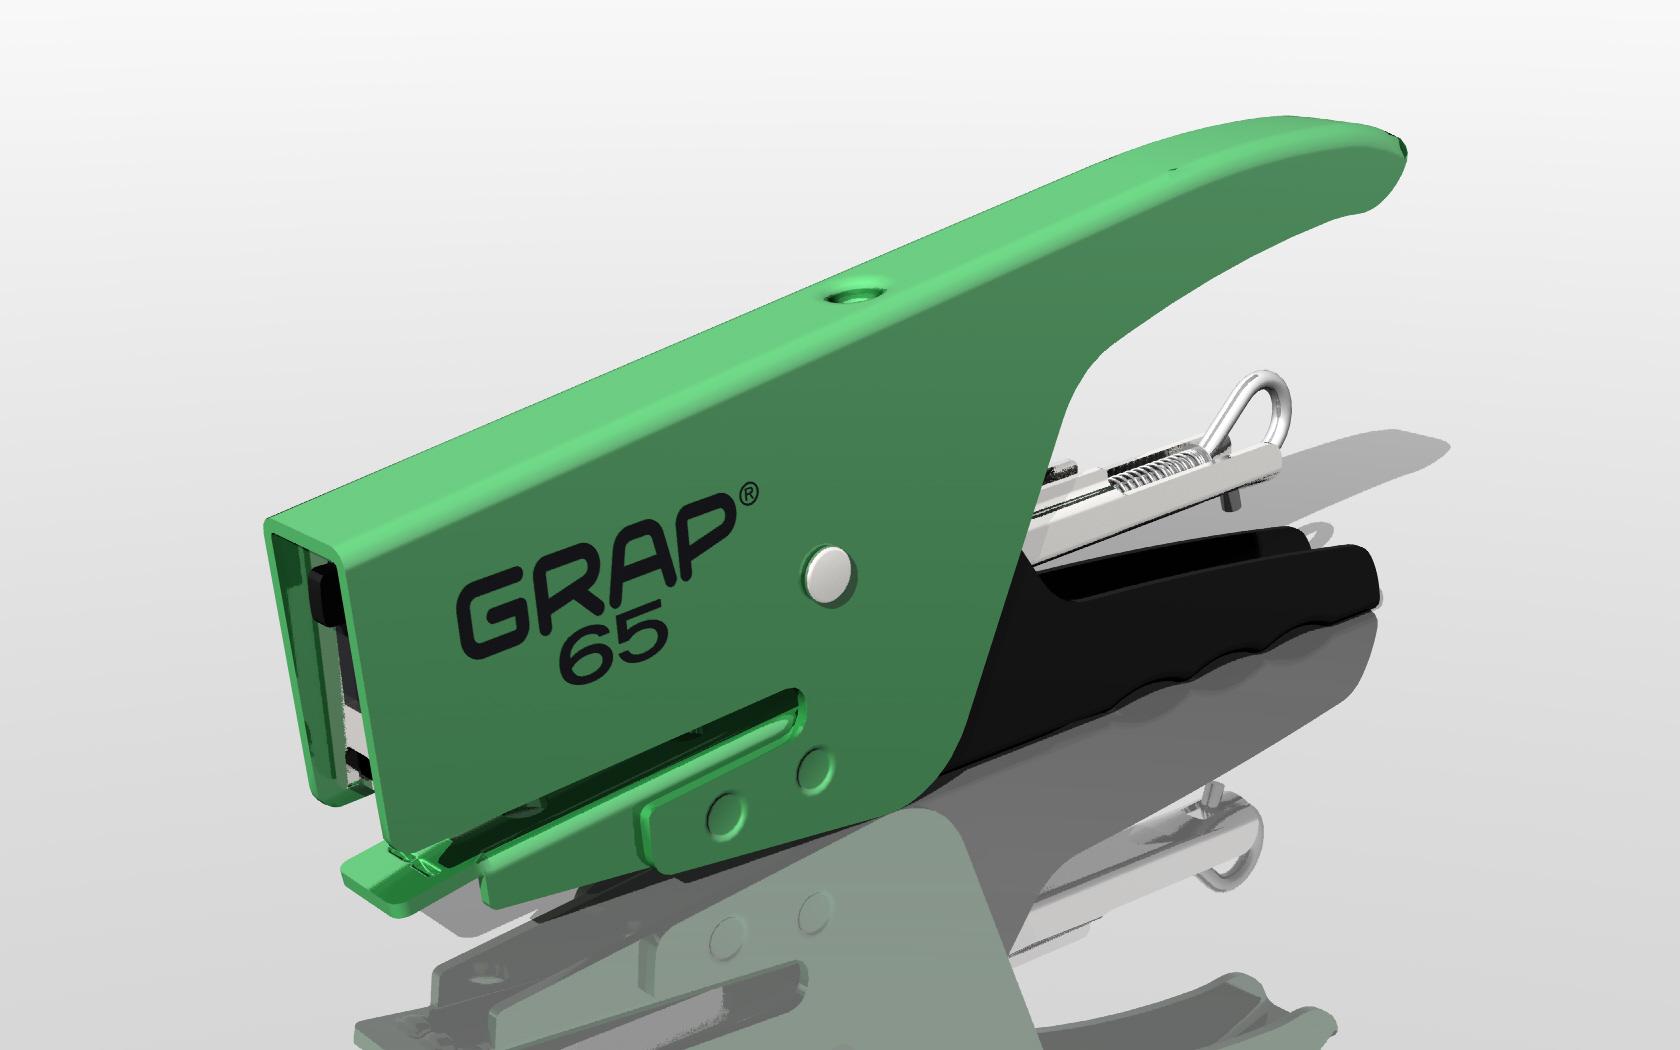 Grap 65 02